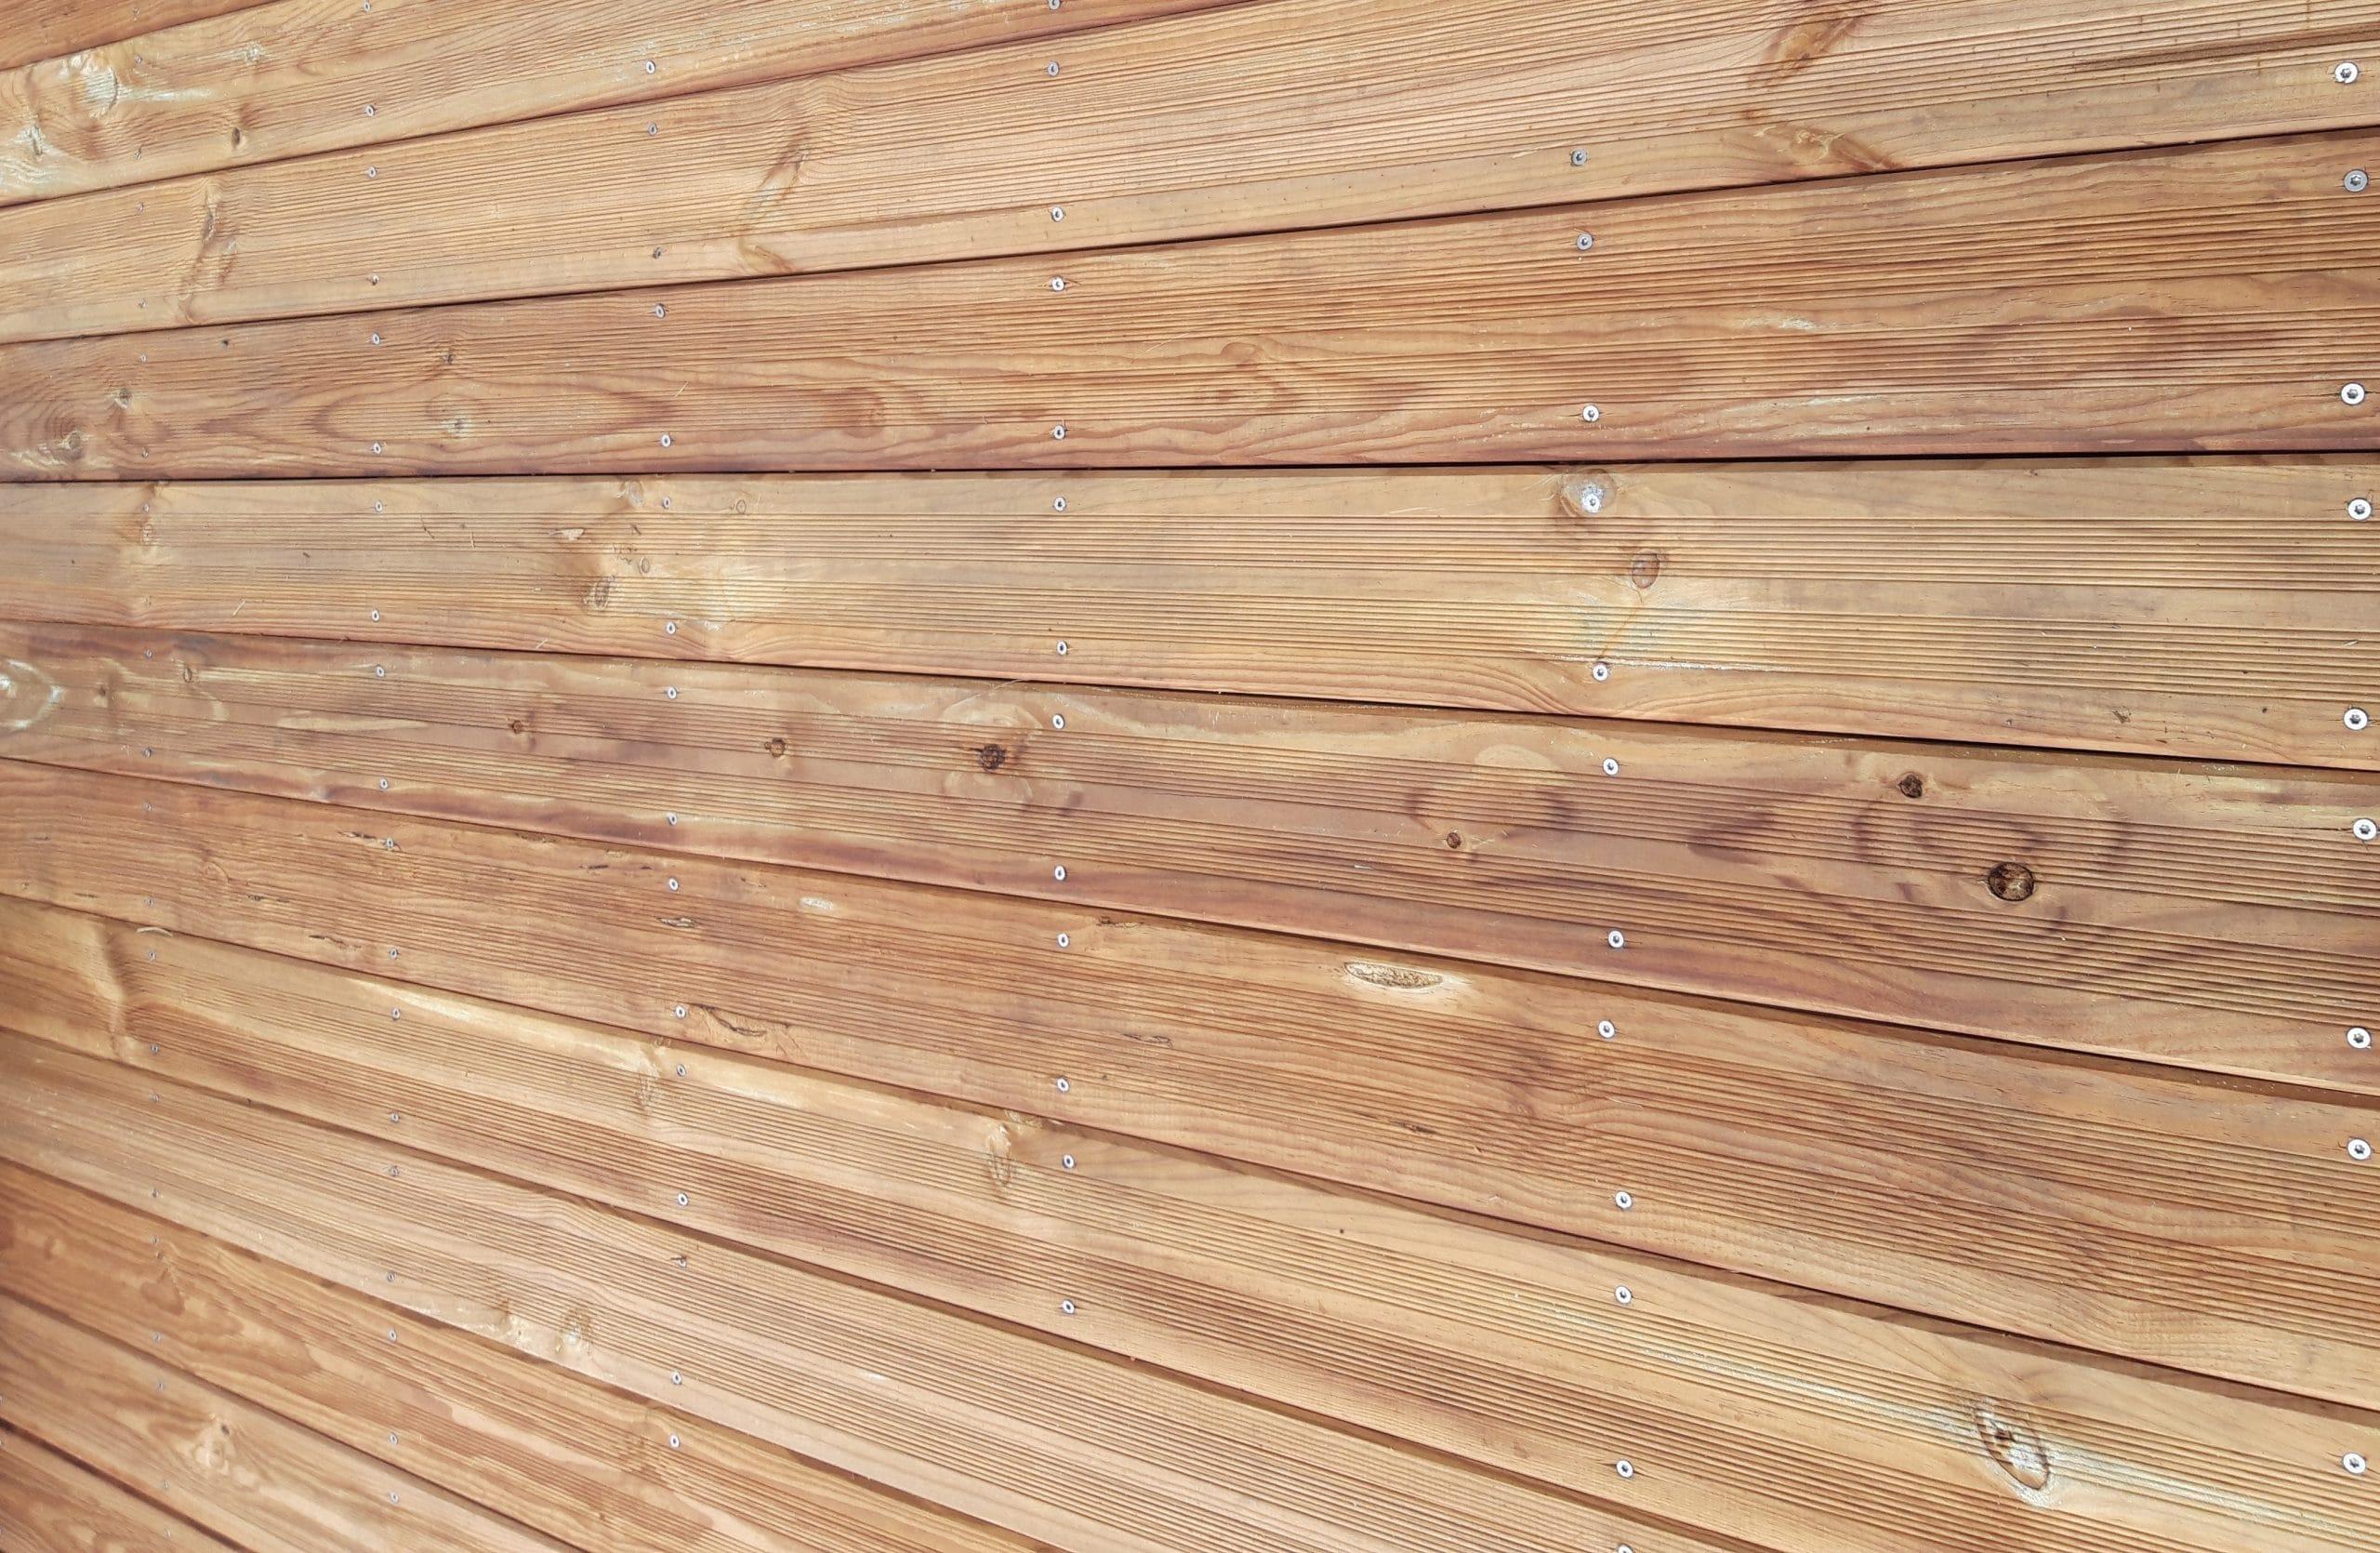 Dans quelle enseigne peut-on acheter une lame de terrasse en bois classe 4 ?